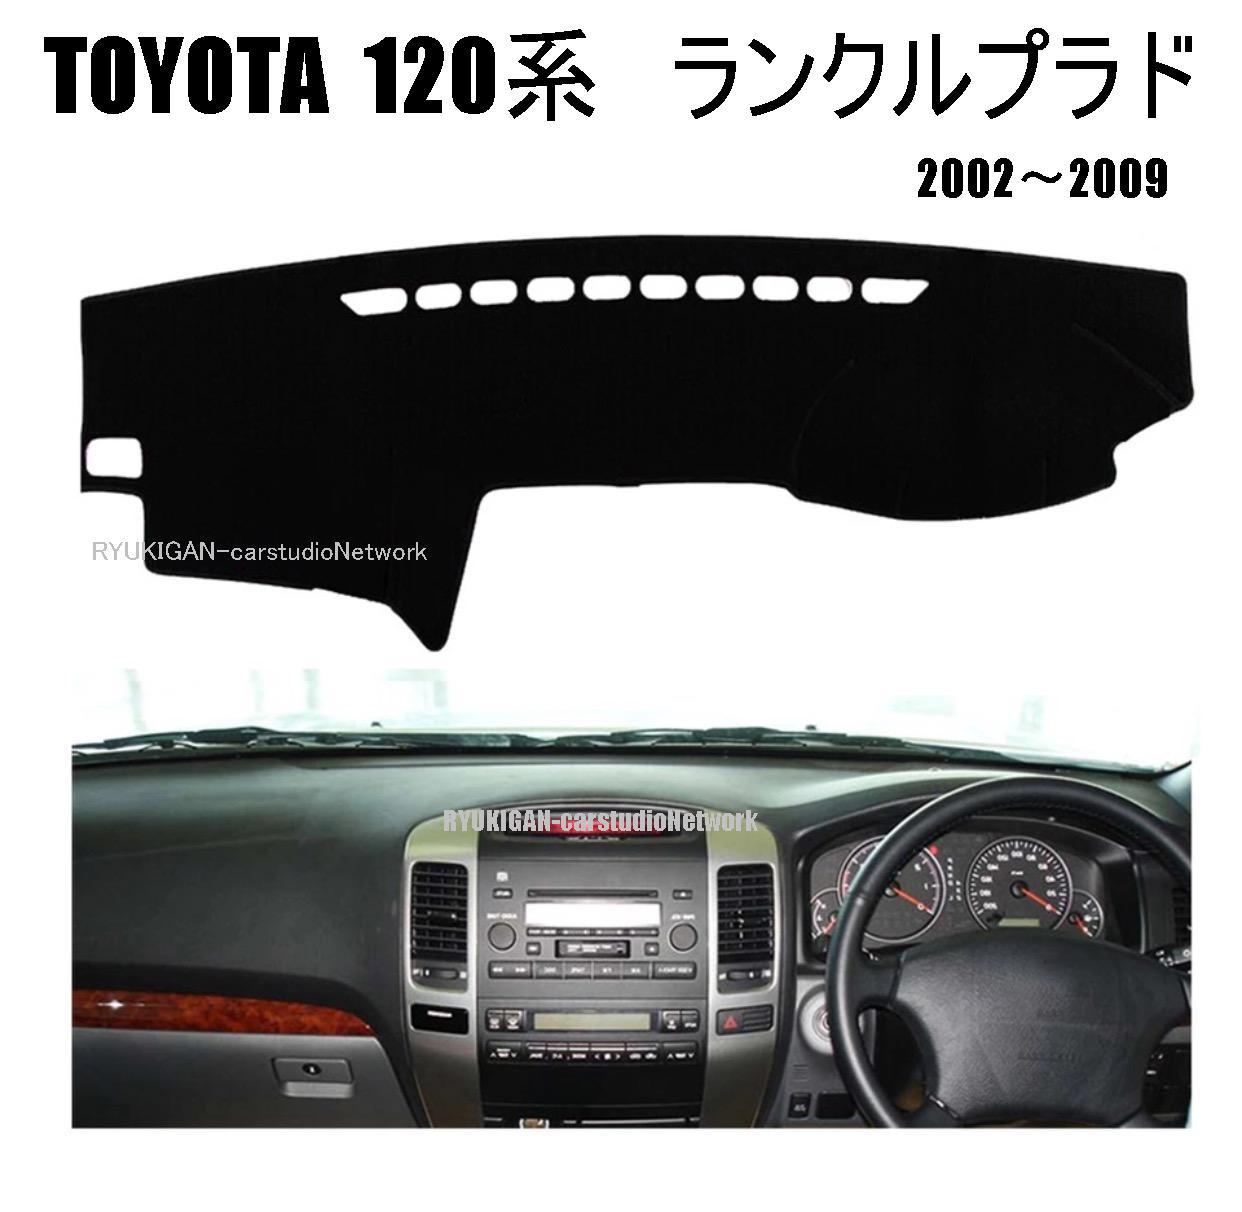 dash-120prado